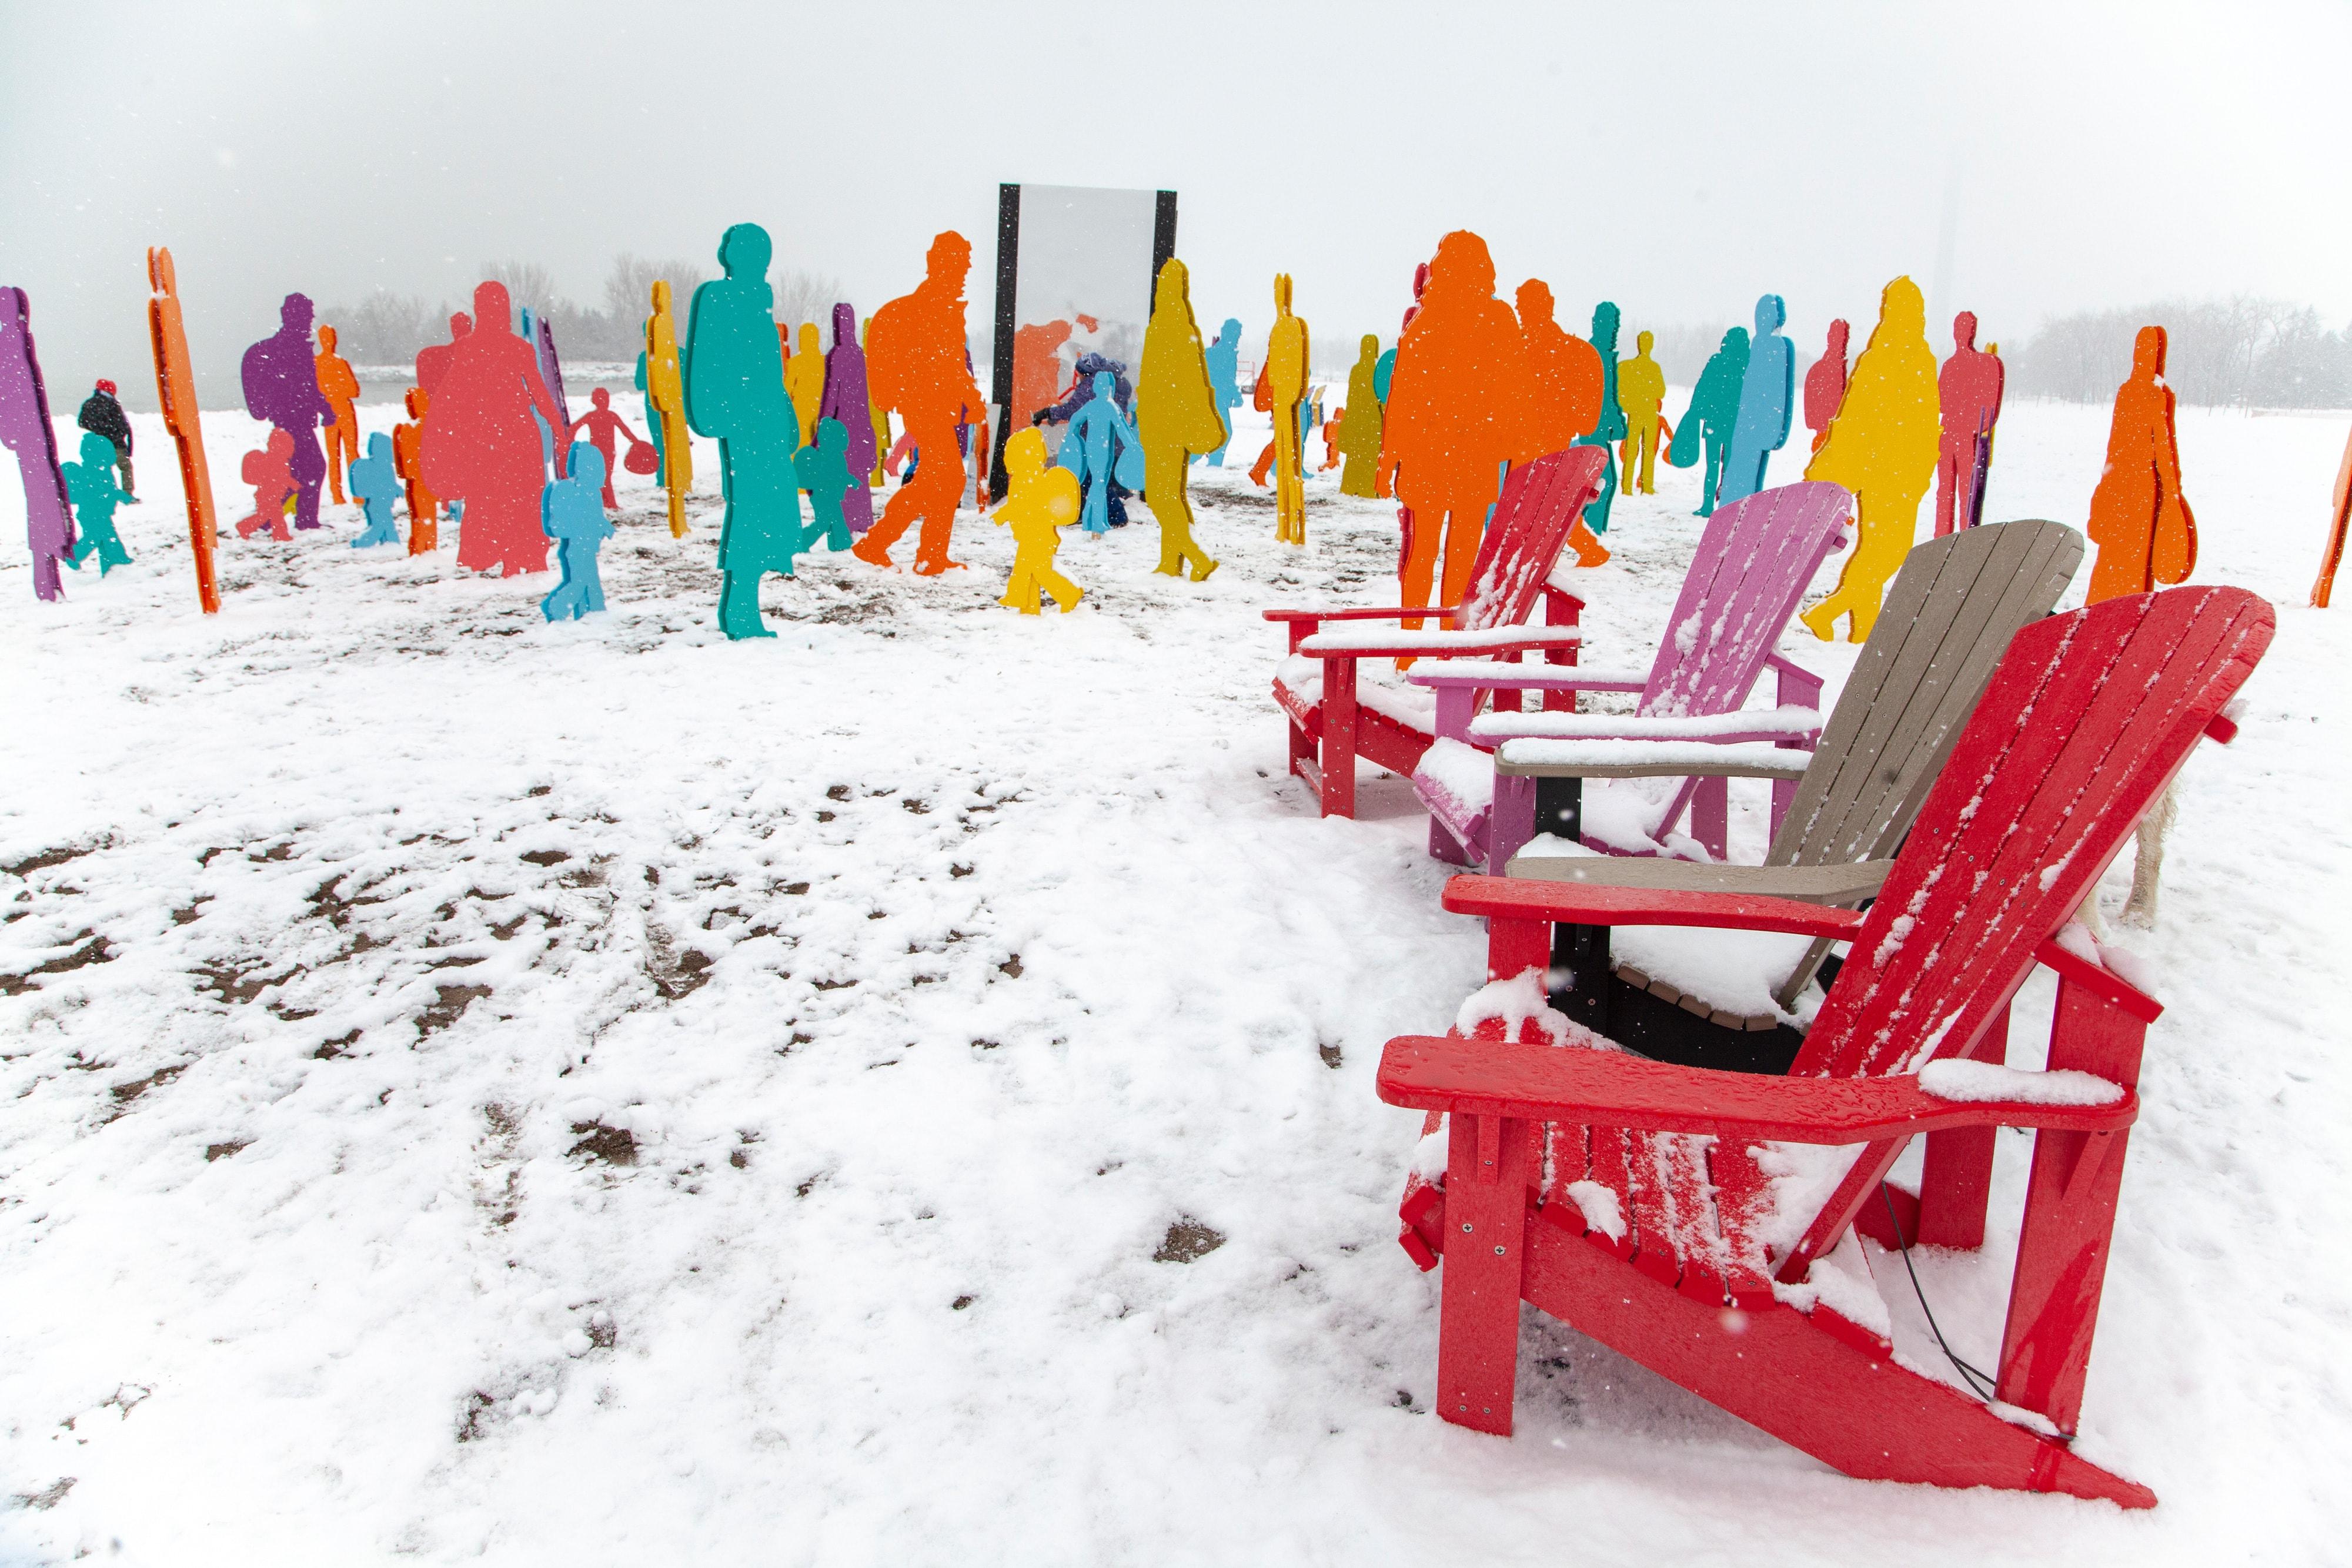 manifesting migration toronto winter stations 2019. Black Bedroom Furniture Sets. Home Design Ideas